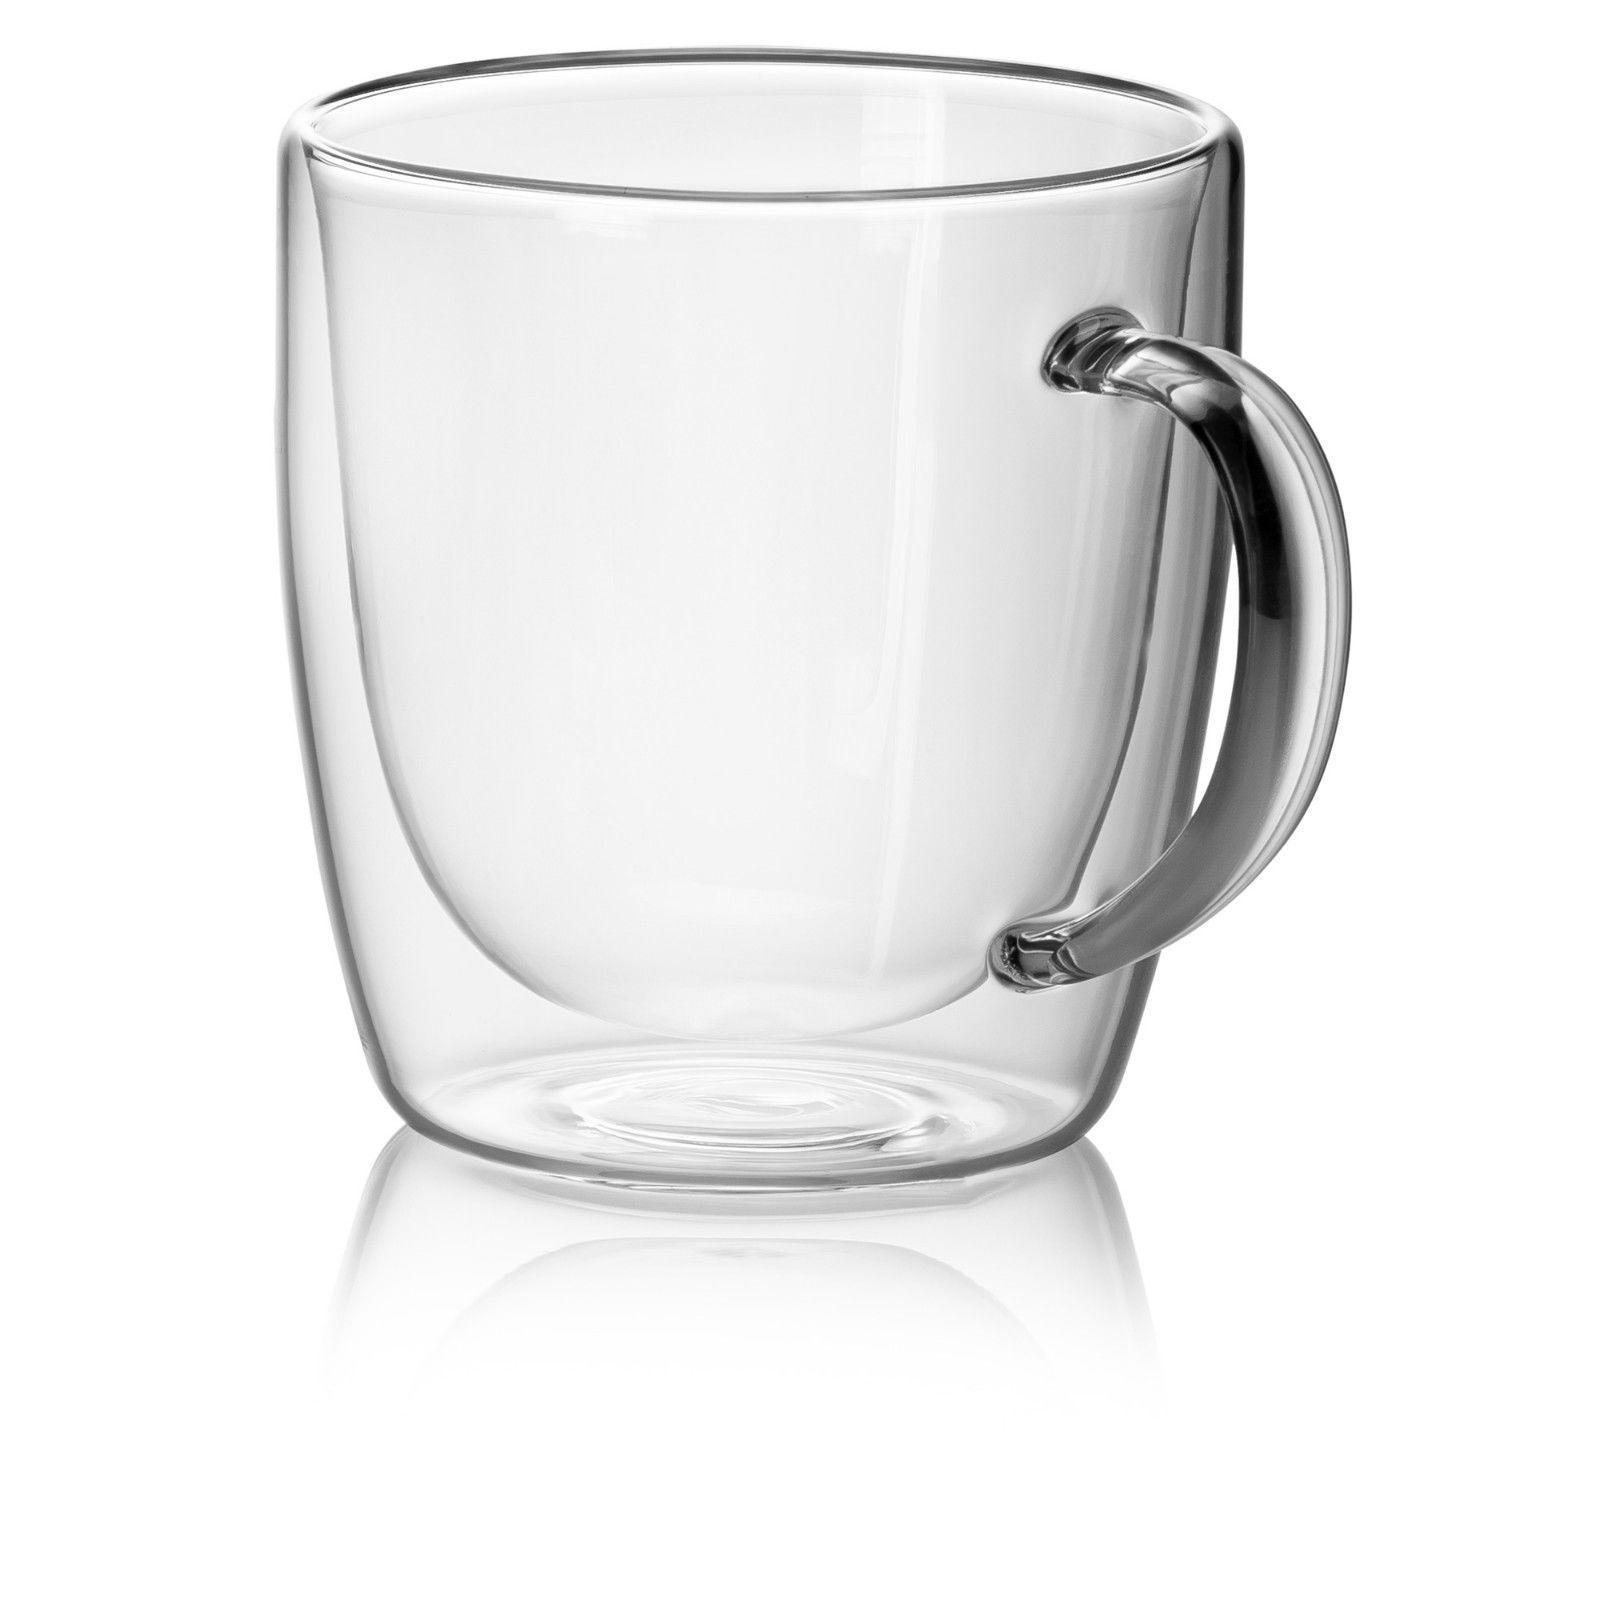 JECOBI Glass Double Tea Mug 14 oz